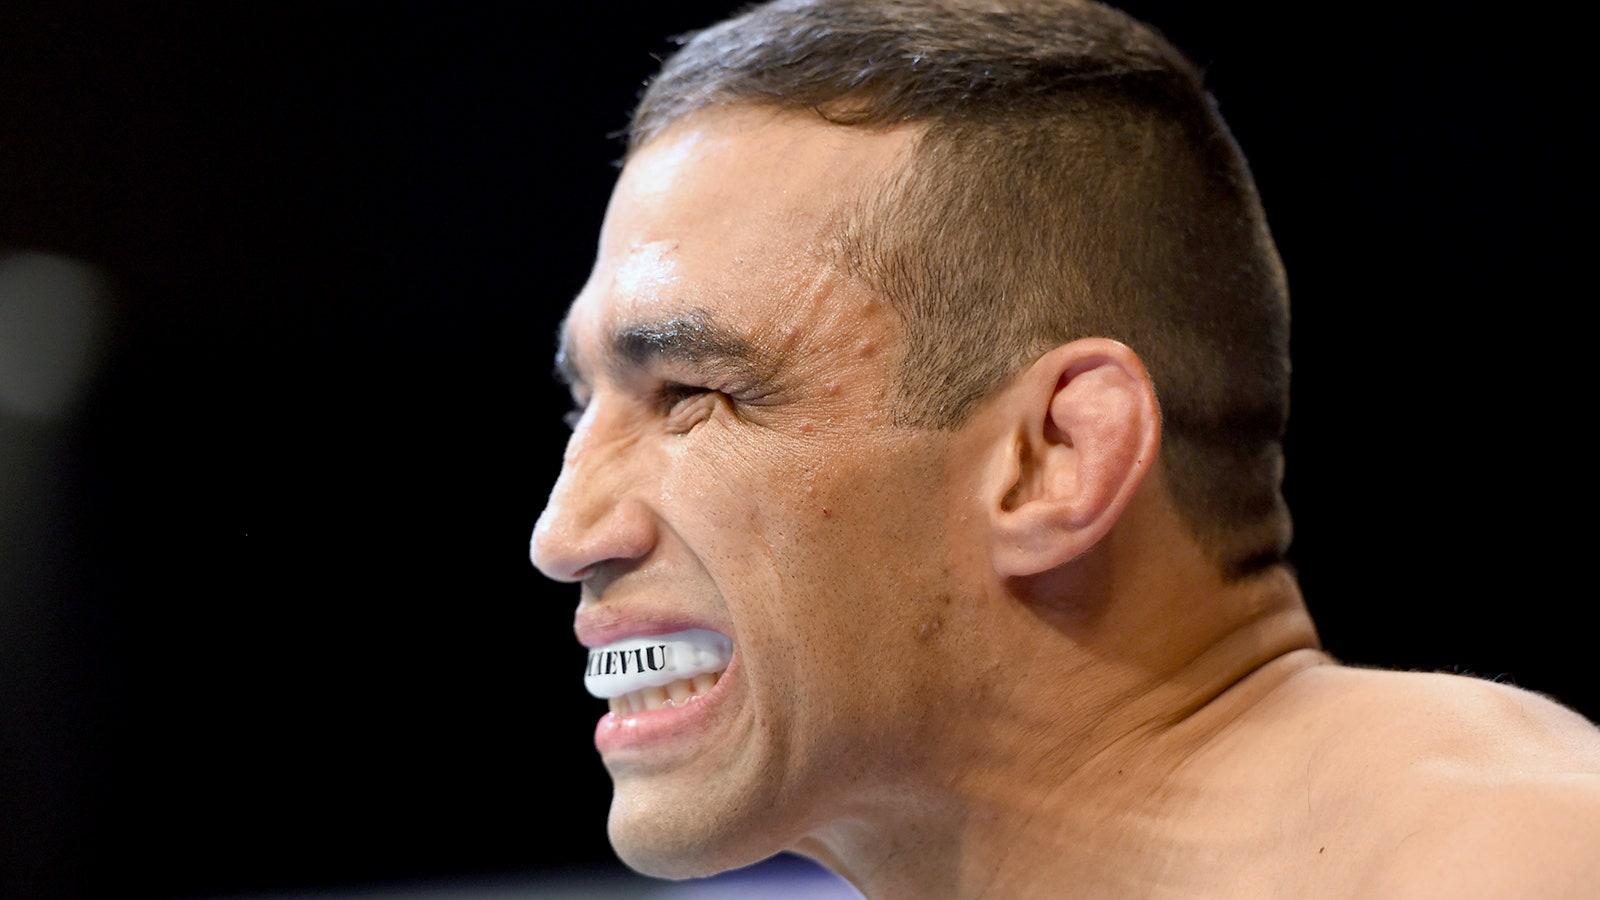 The Soundtrack to UFC 188: Velasquez vs  Werdum - the